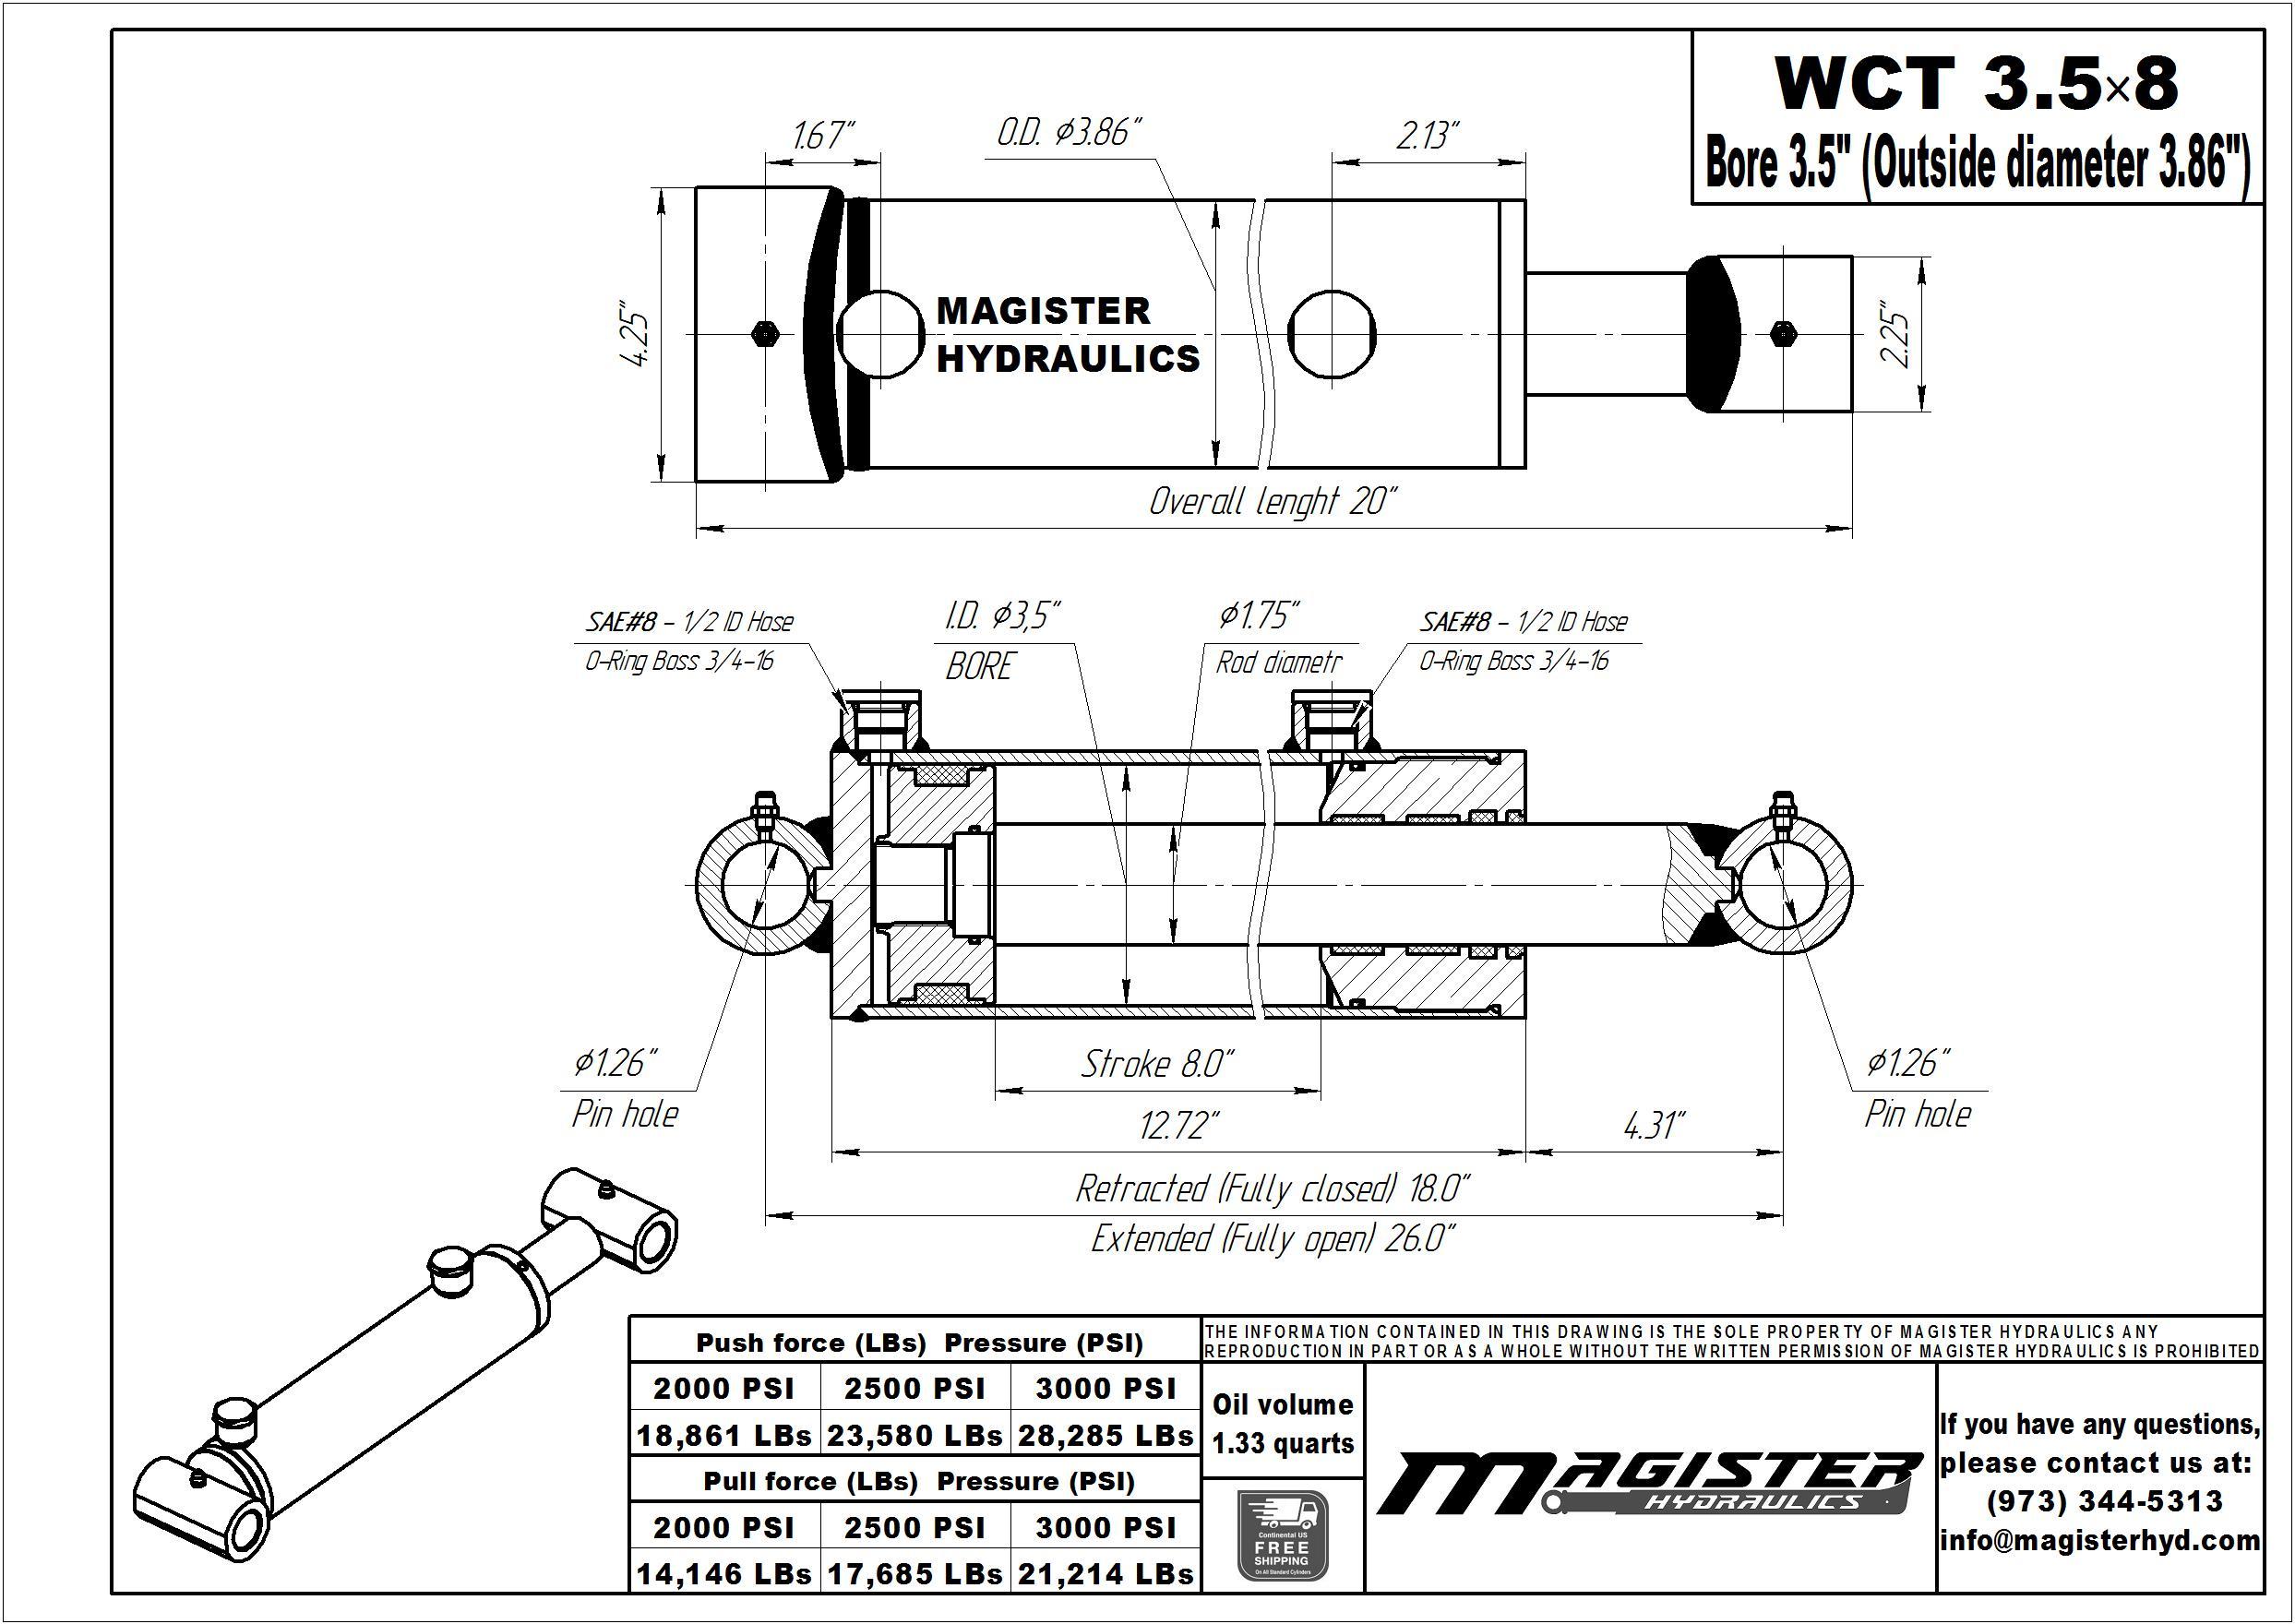 WCT 3.5-8